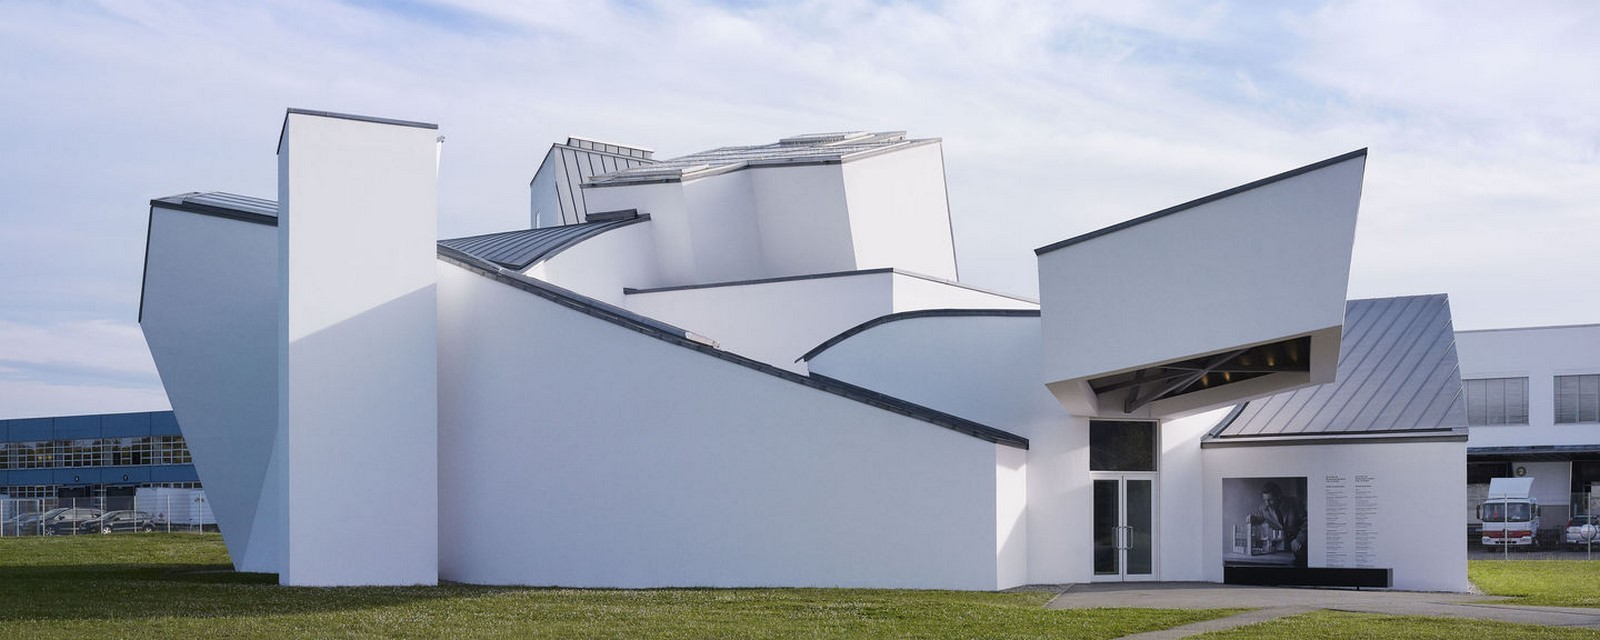 Vitra Design Museum (Weil am Rhein, Germany) - Sheet1